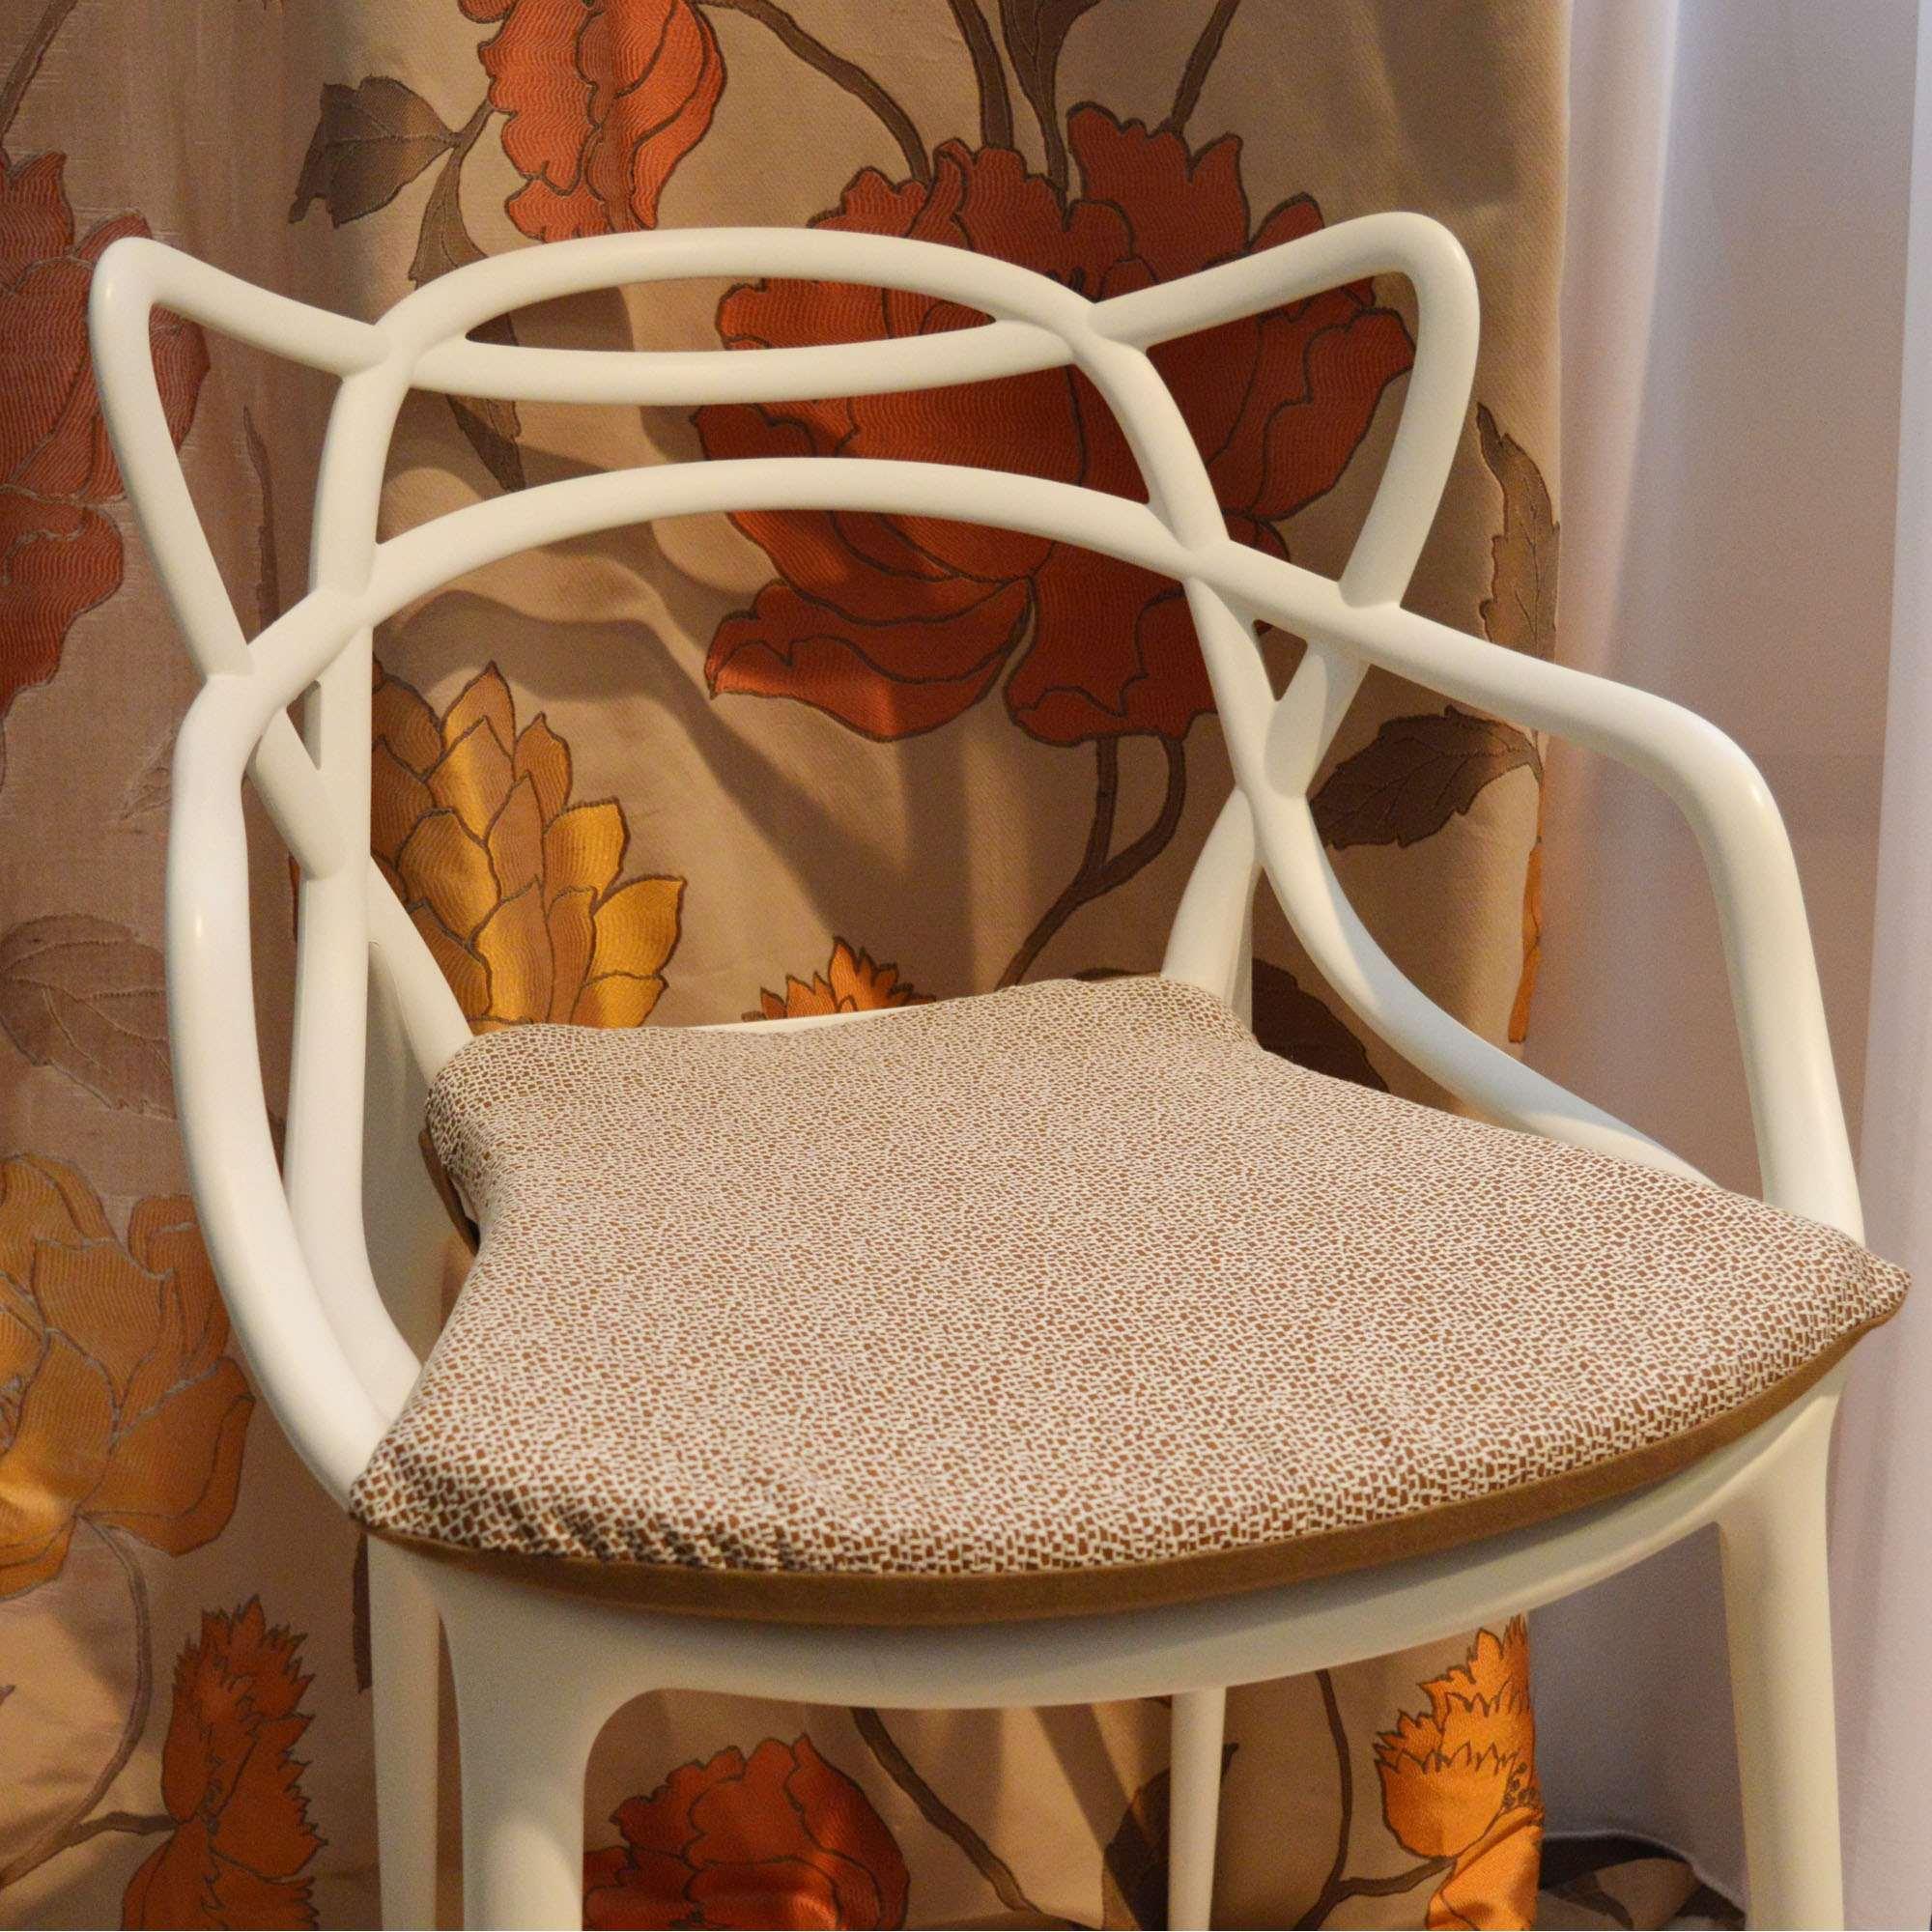 Cuscino per sedia modello kartell tina codazzo home - Cuscino per sedia viola ...